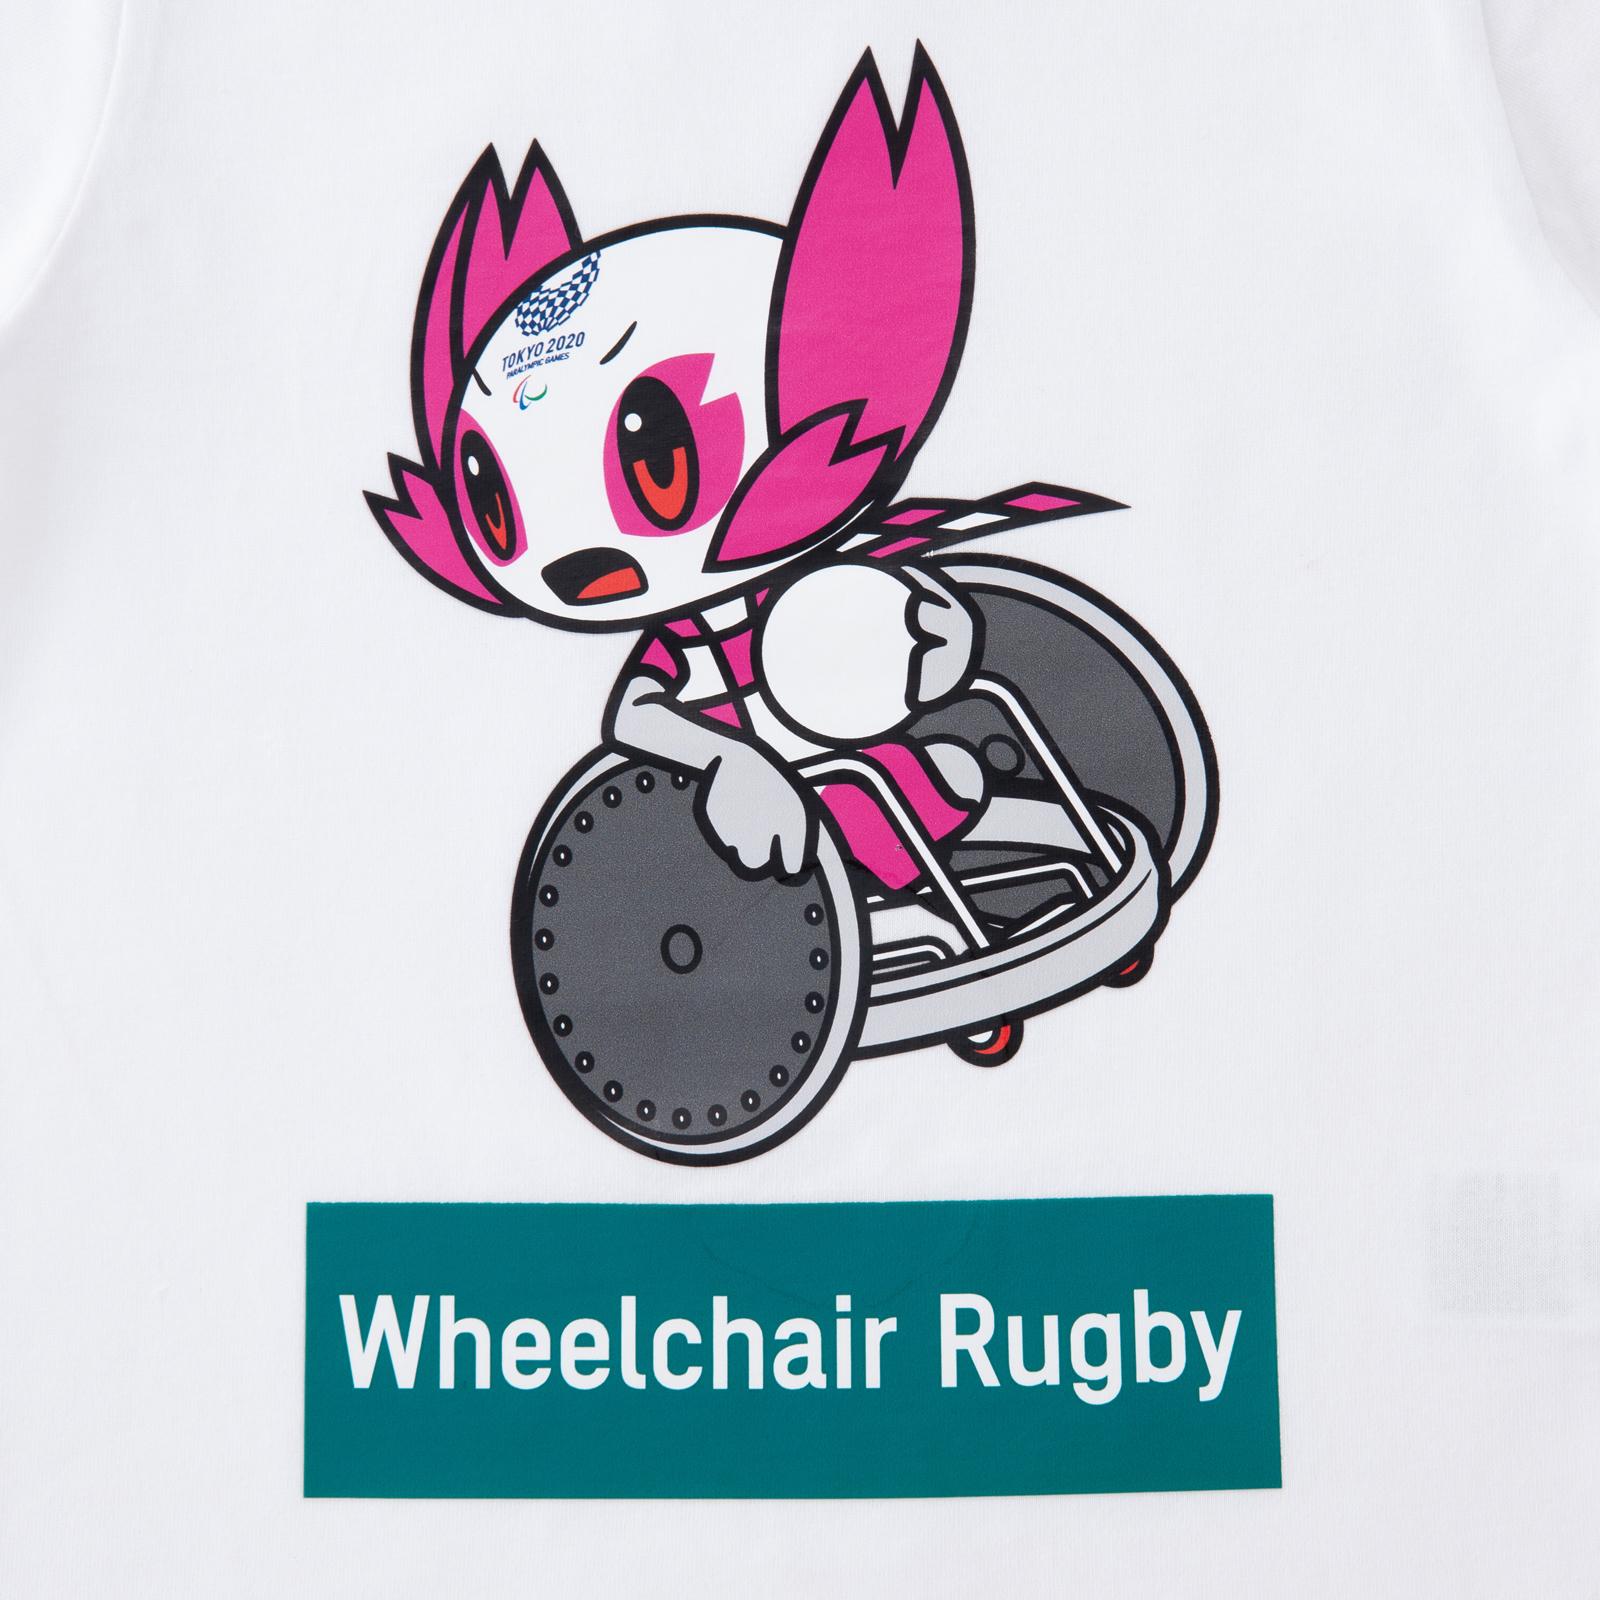 KIDSTシャツ車いすラグビー(東京2020パラリンピックマスコット)